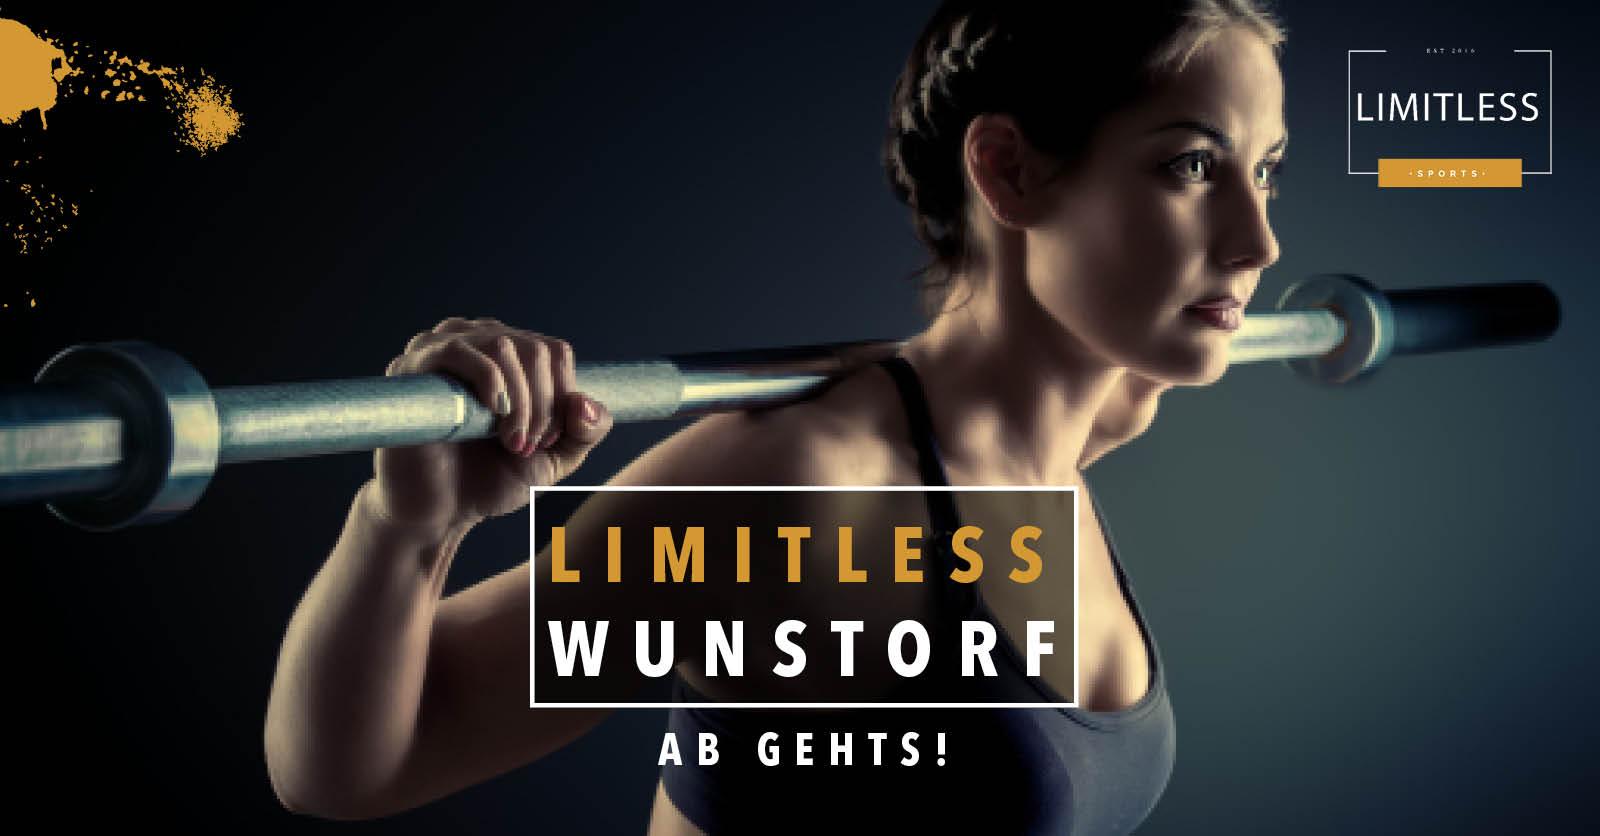 Limitless Wunstorf